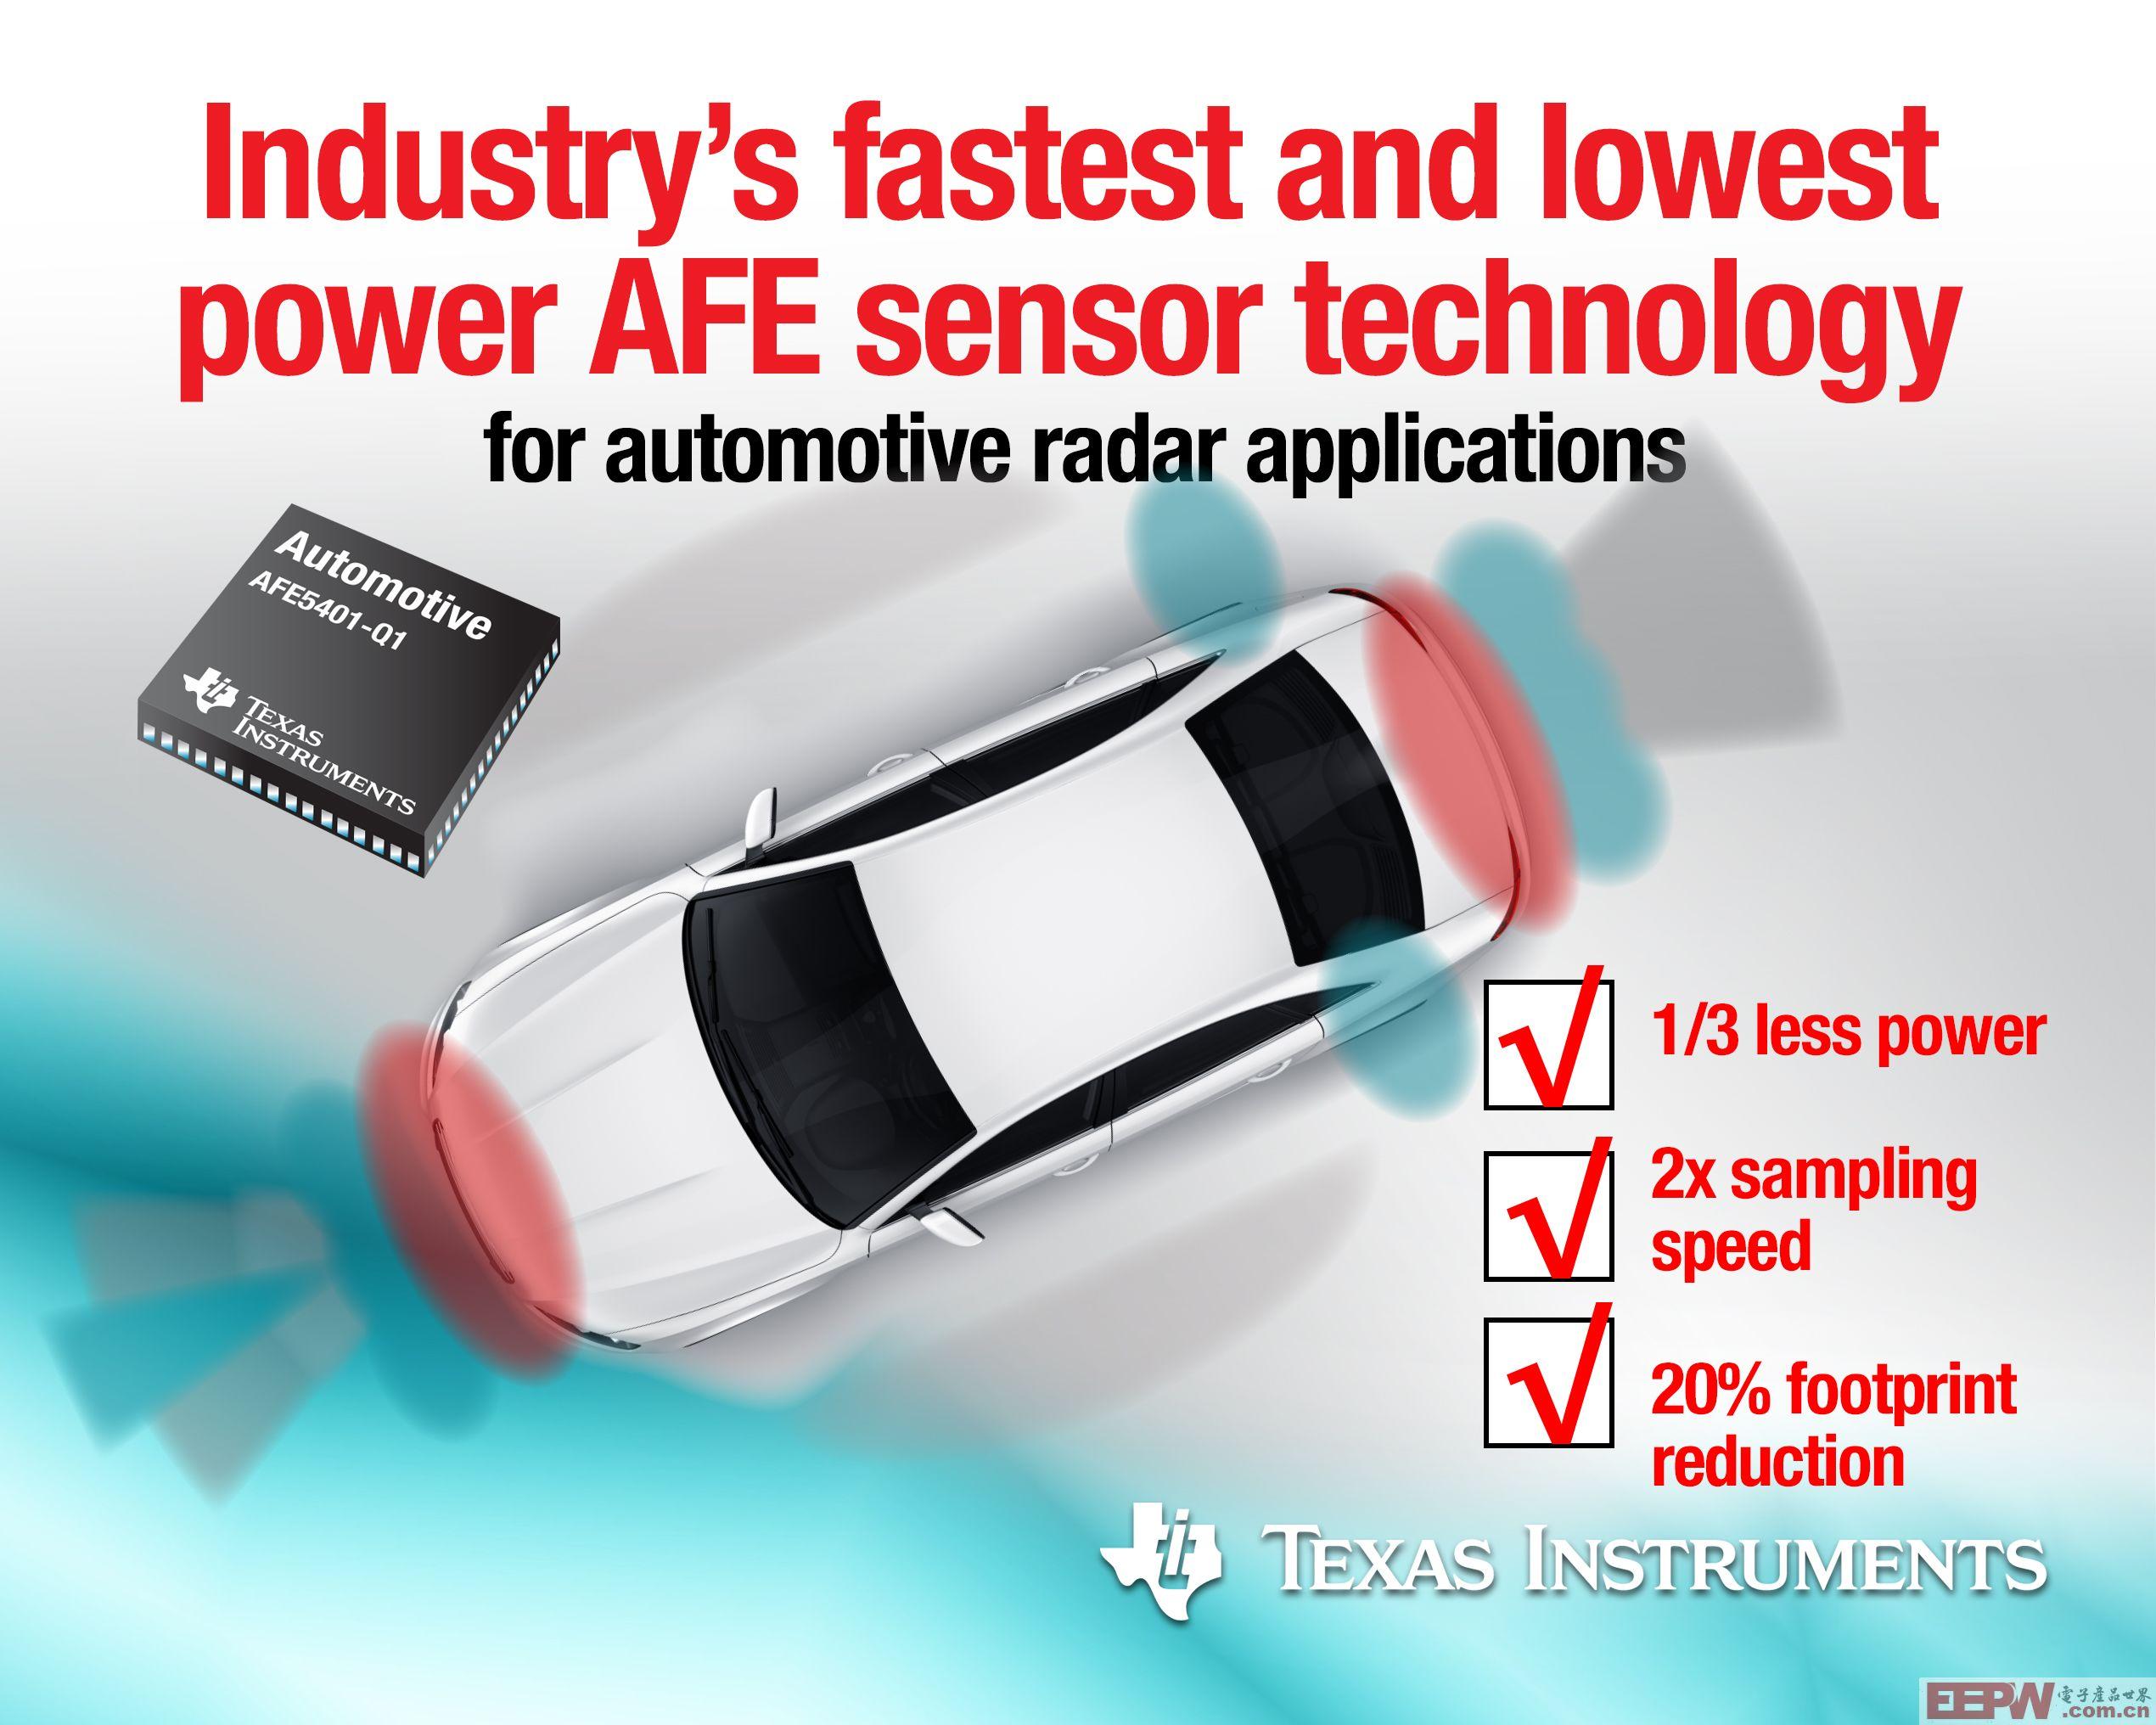 德州仪器AFE传感器技术助力汽车雷达系统探测道路的安全性